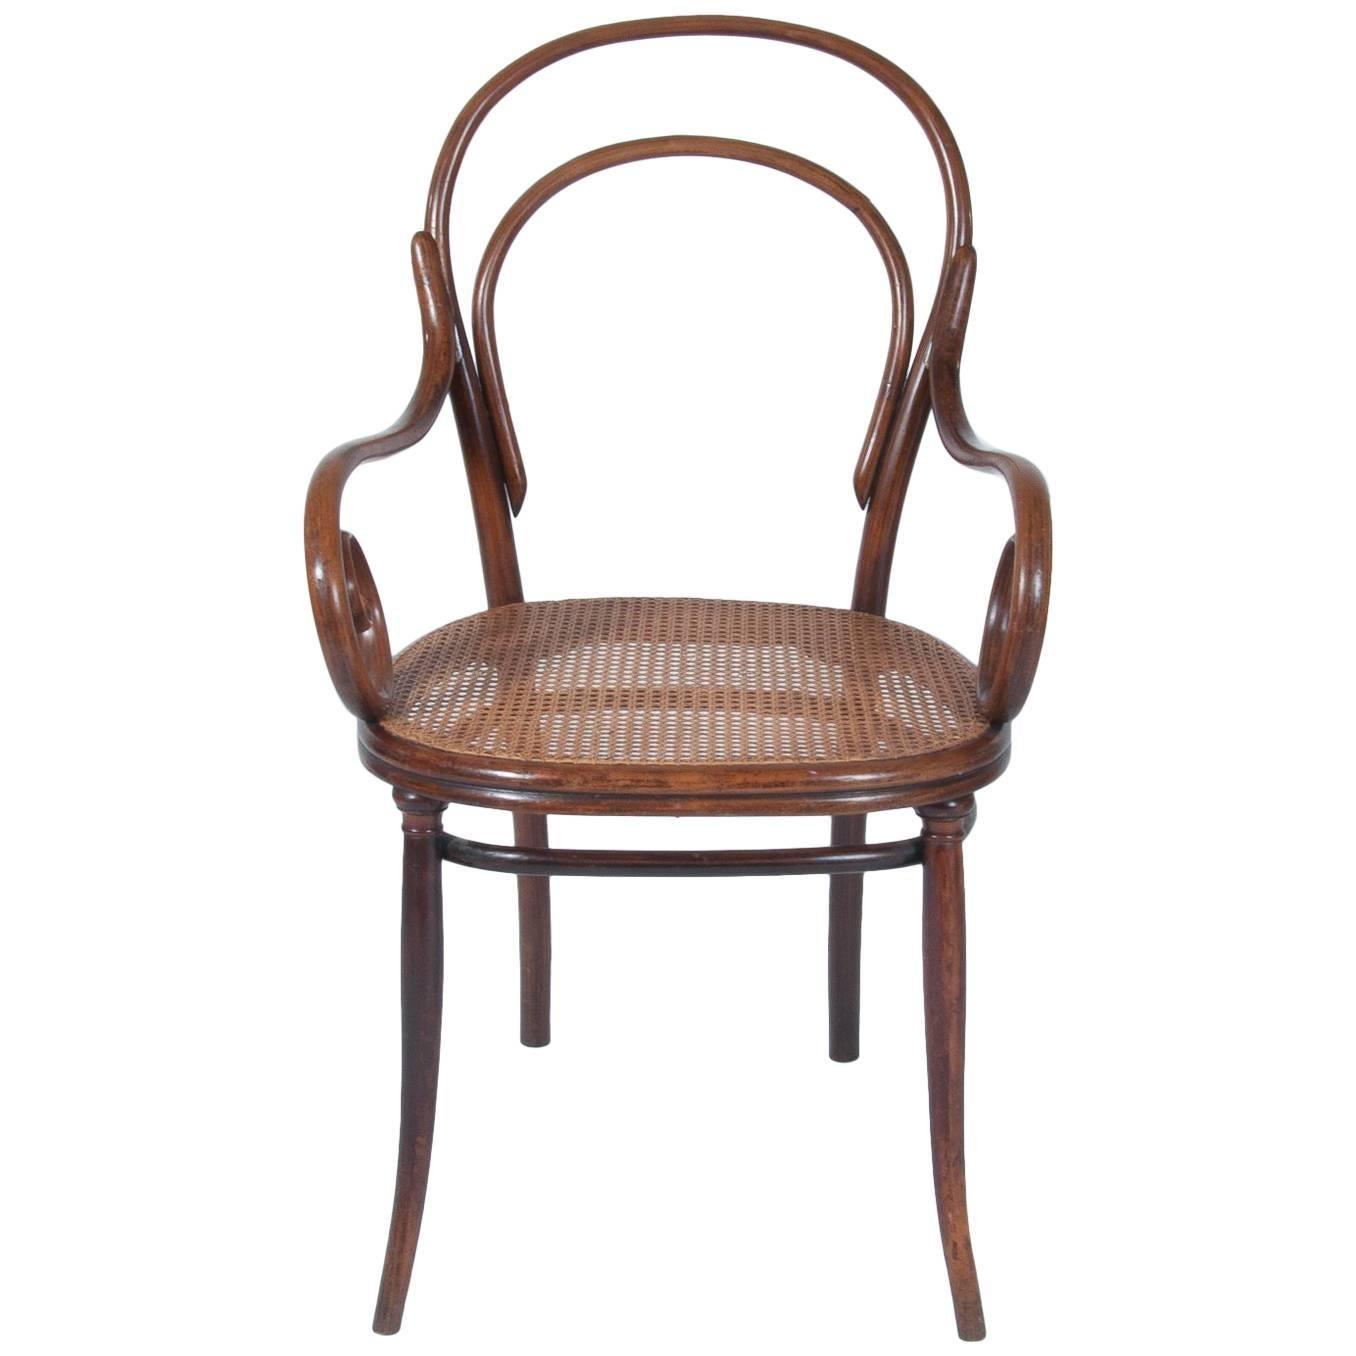 kinder design stoel eames daw junior dimensions with kinder design stoel best kinder stoel. Black Bedroom Furniture Sets. Home Design Ideas